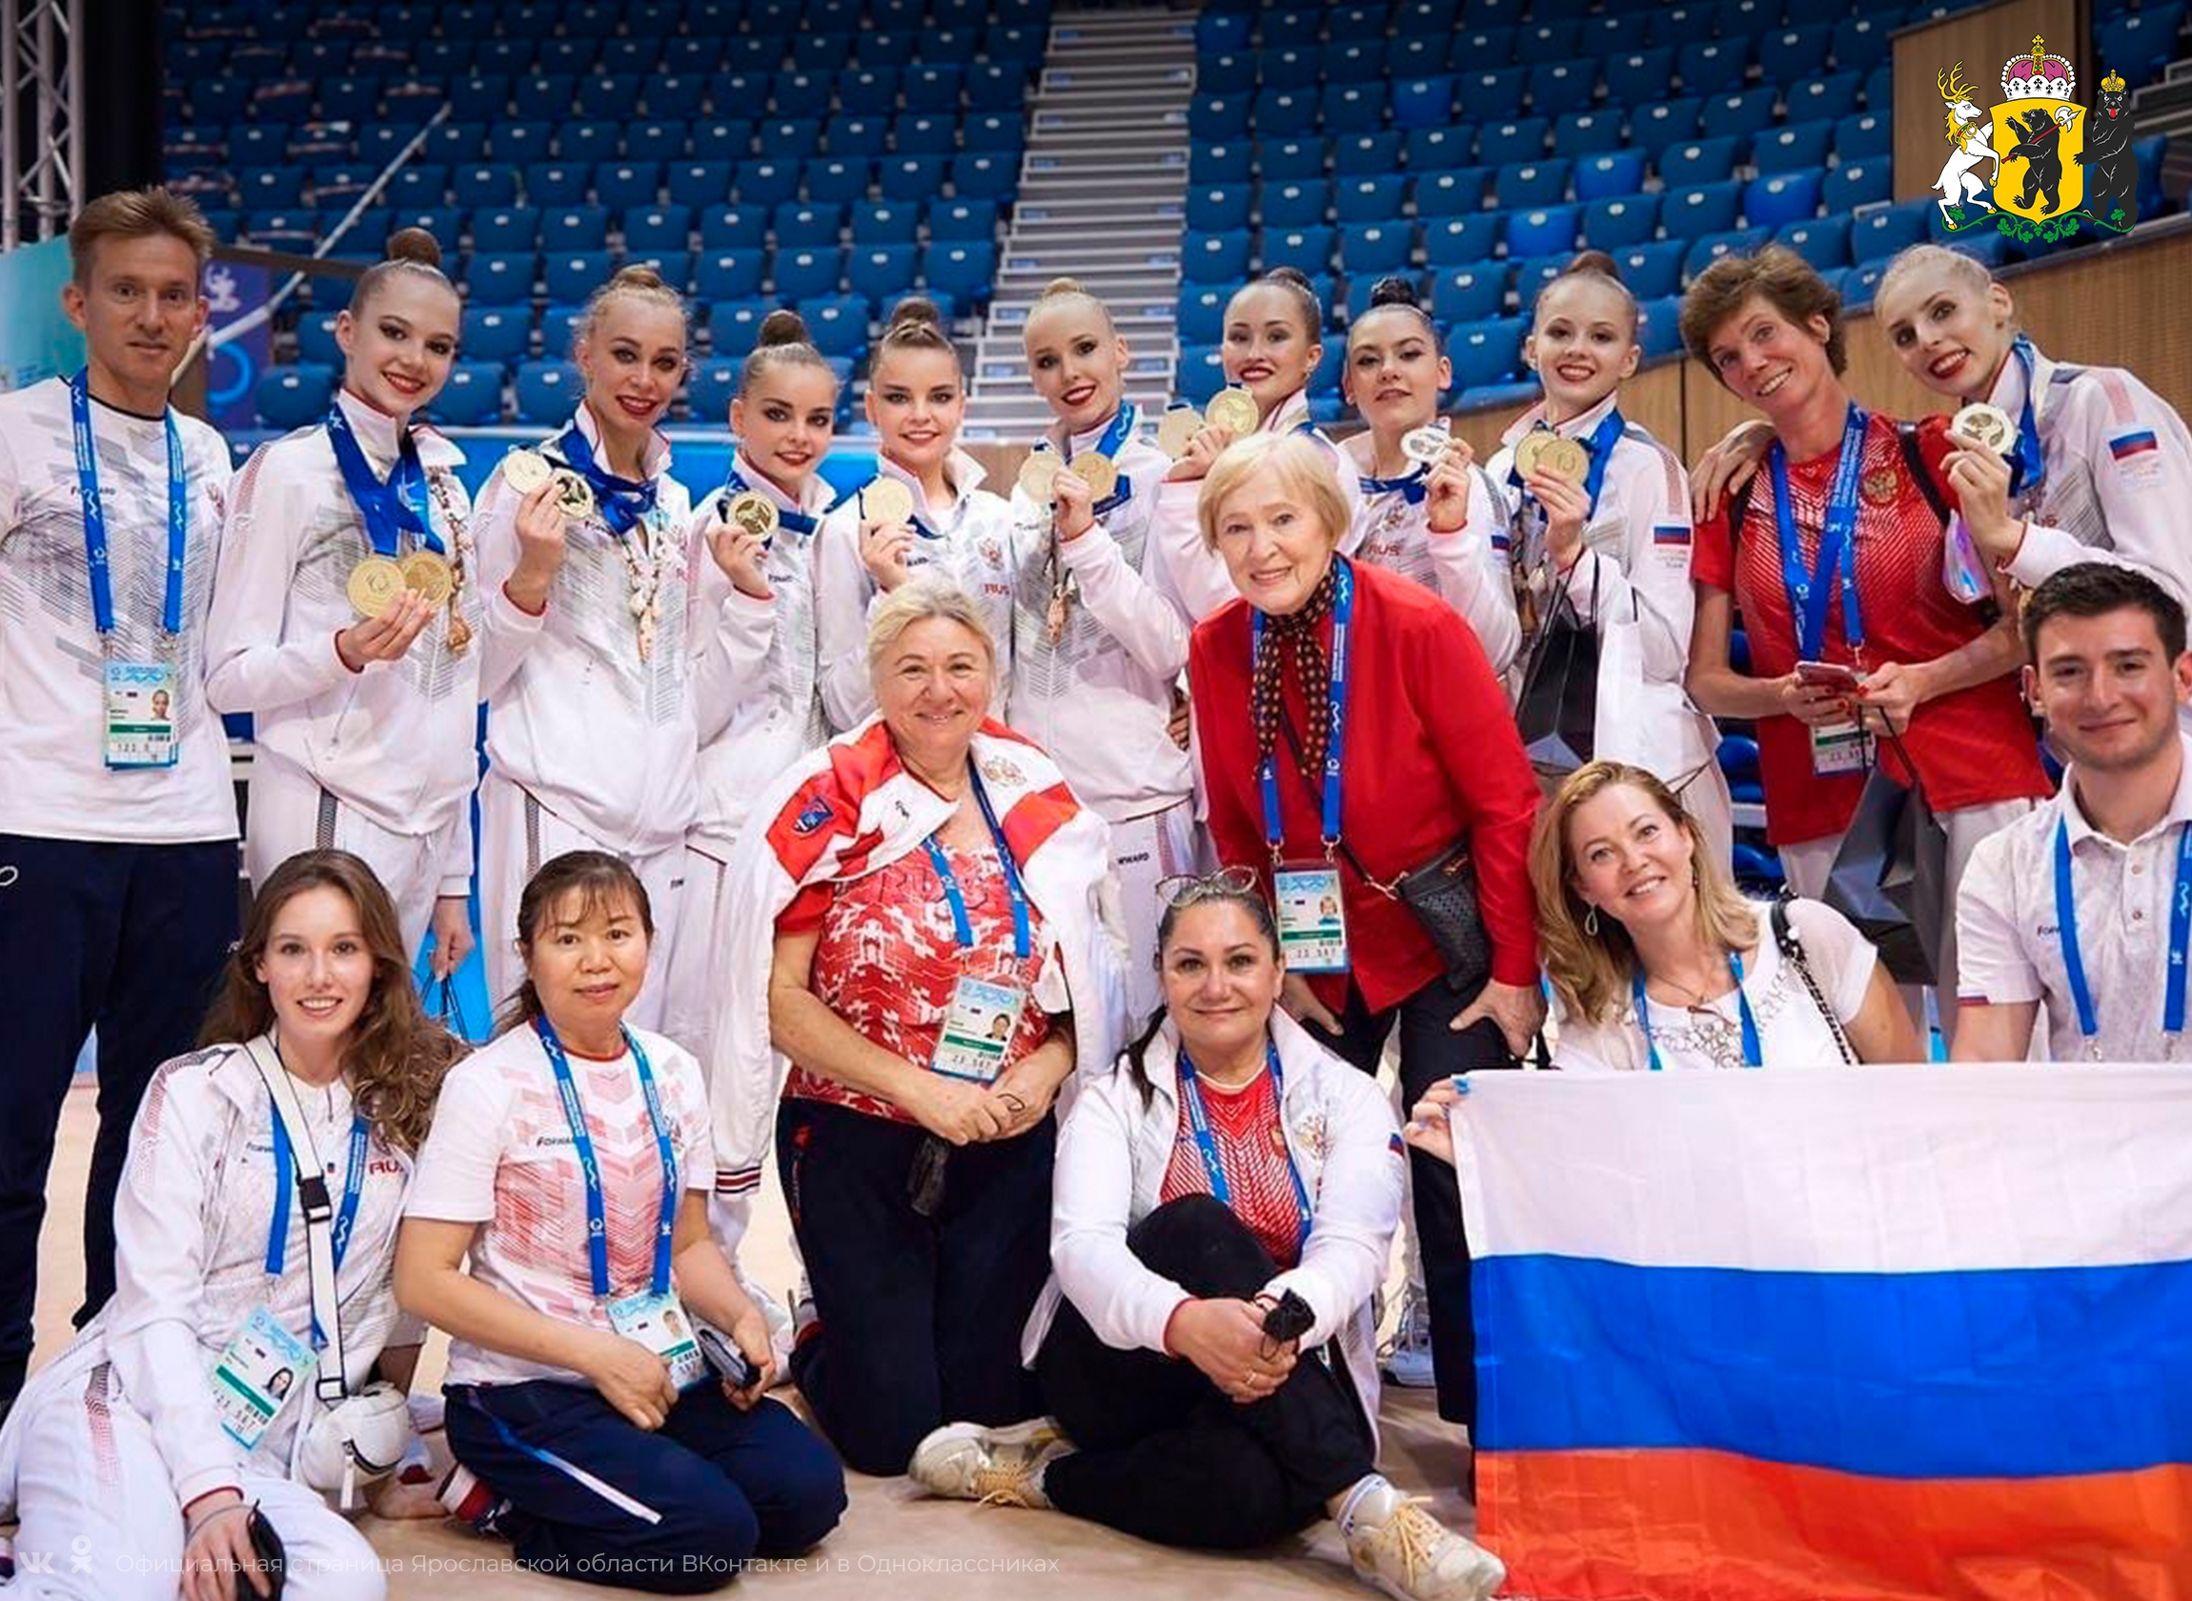 Ярославская спортсменка стала двукратной чемпионкой Европы по художественной гимнастике